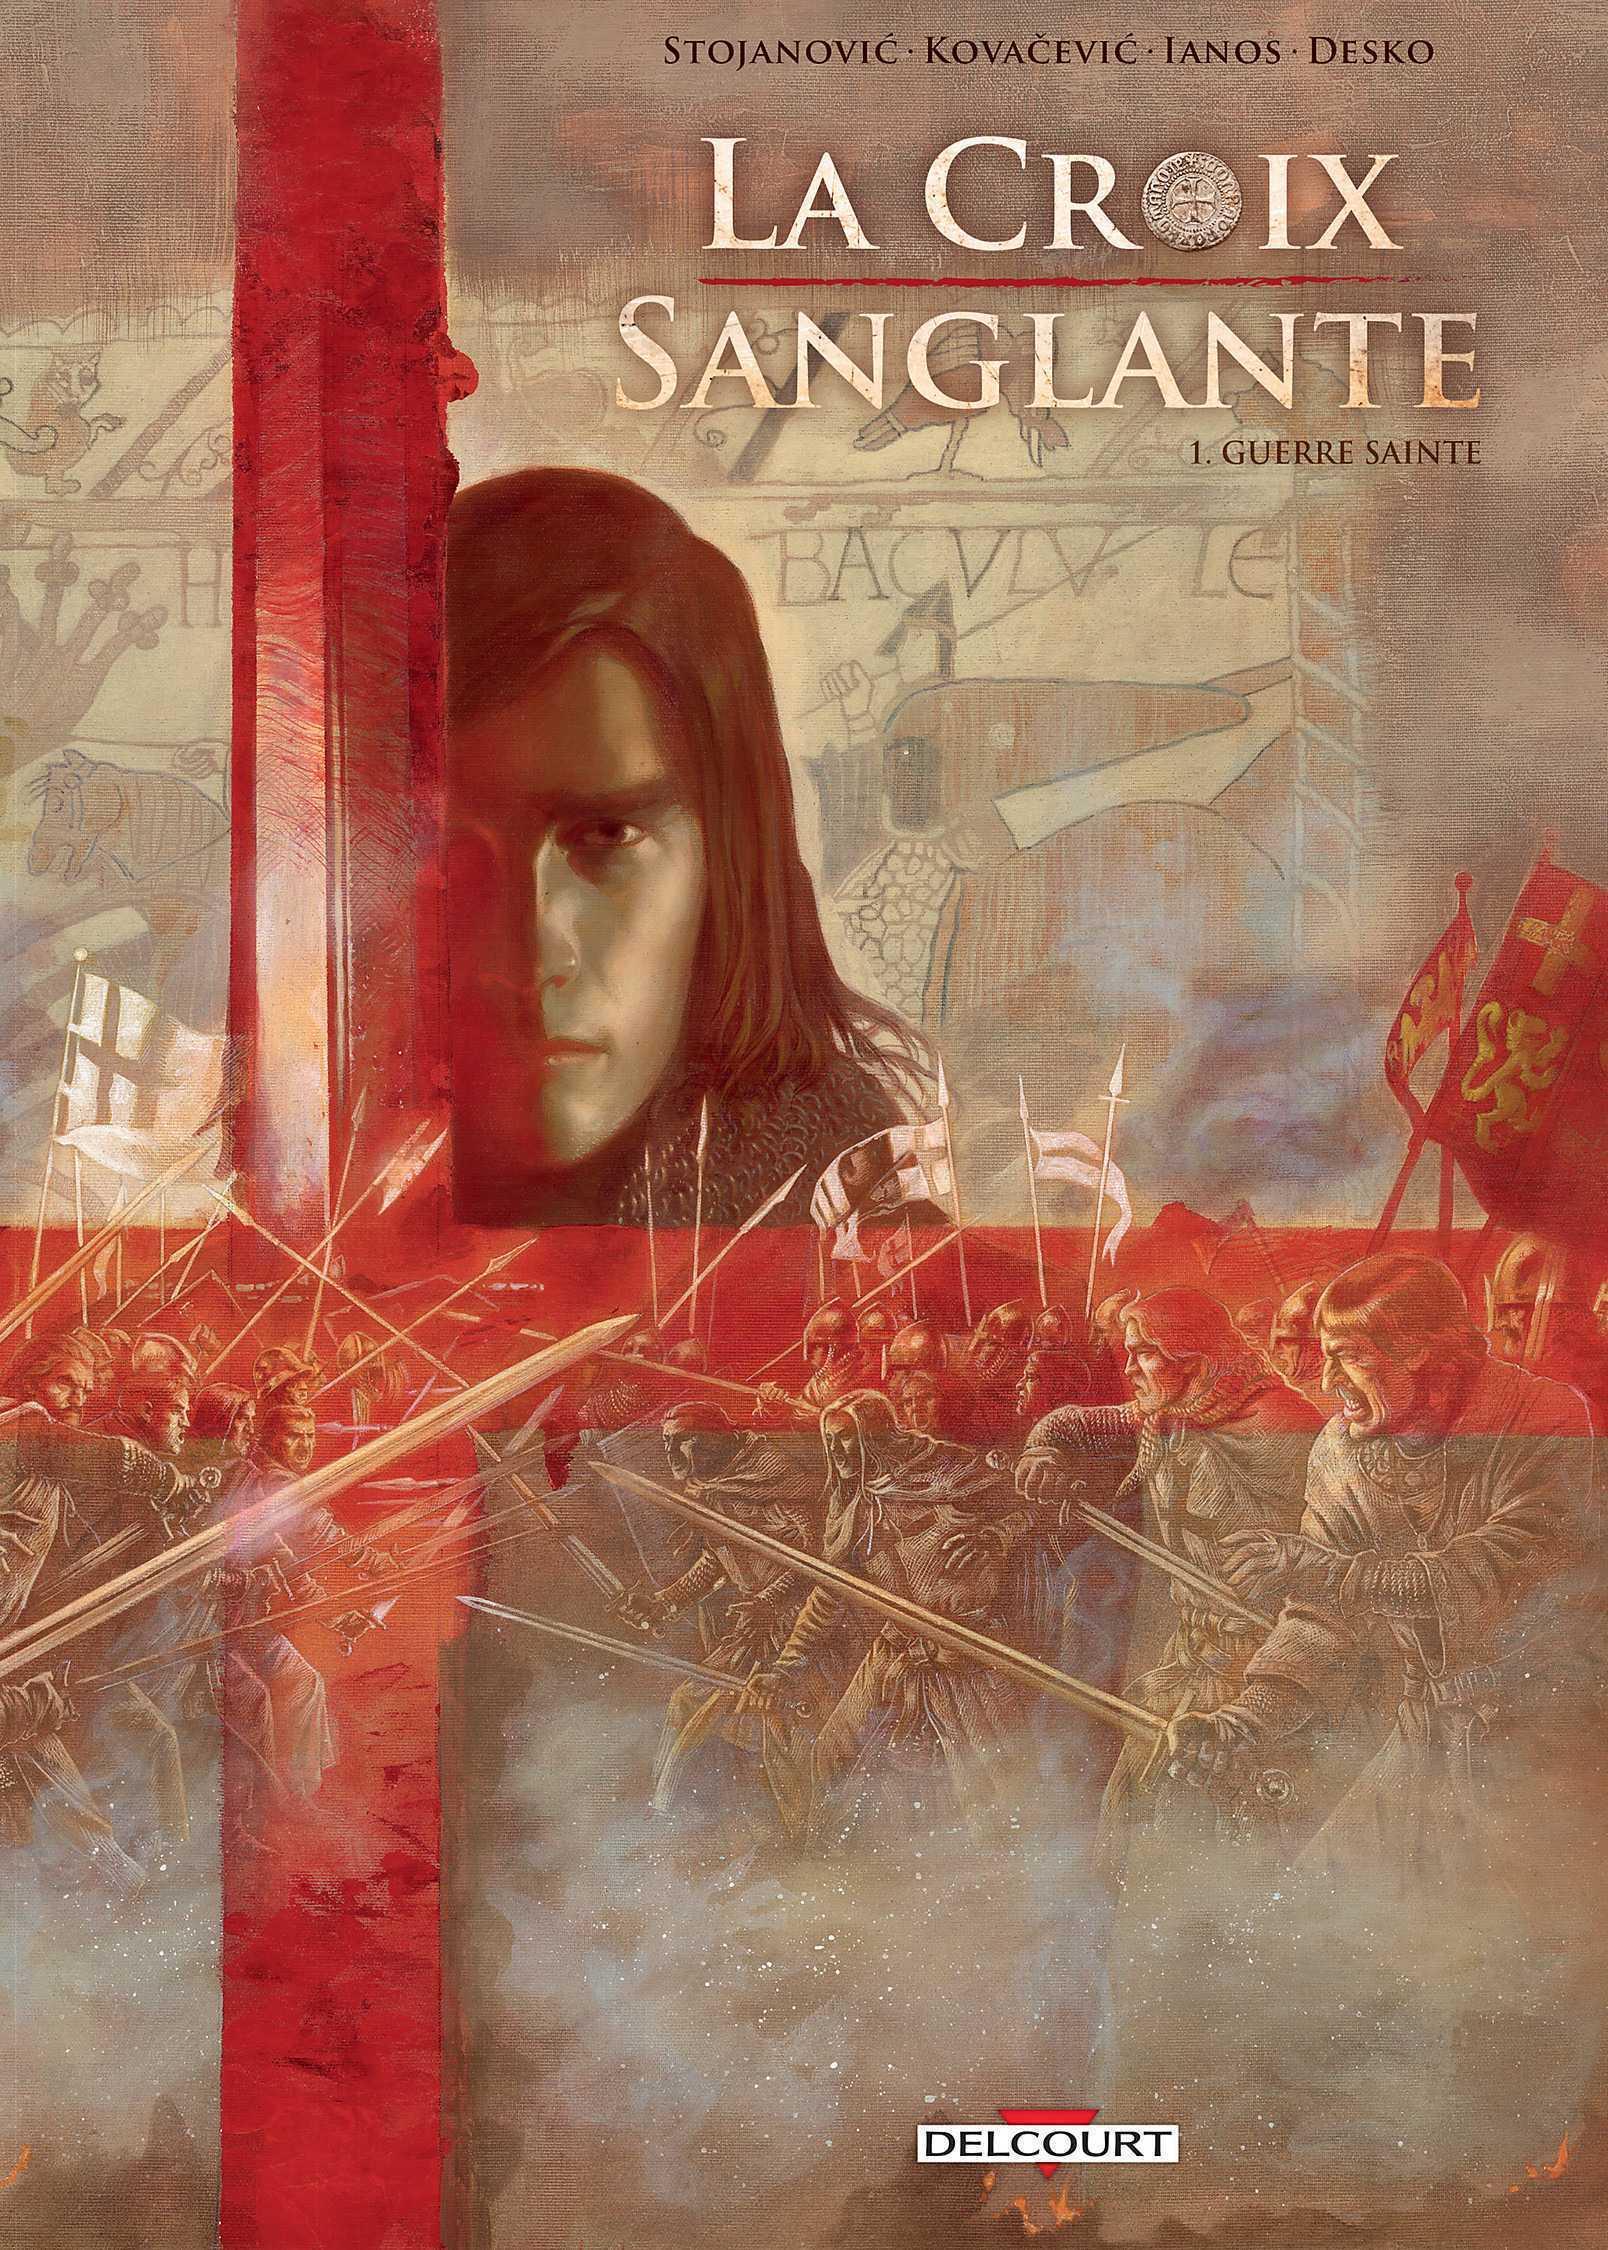 La Croix Sanglante, Venise manipulatrice